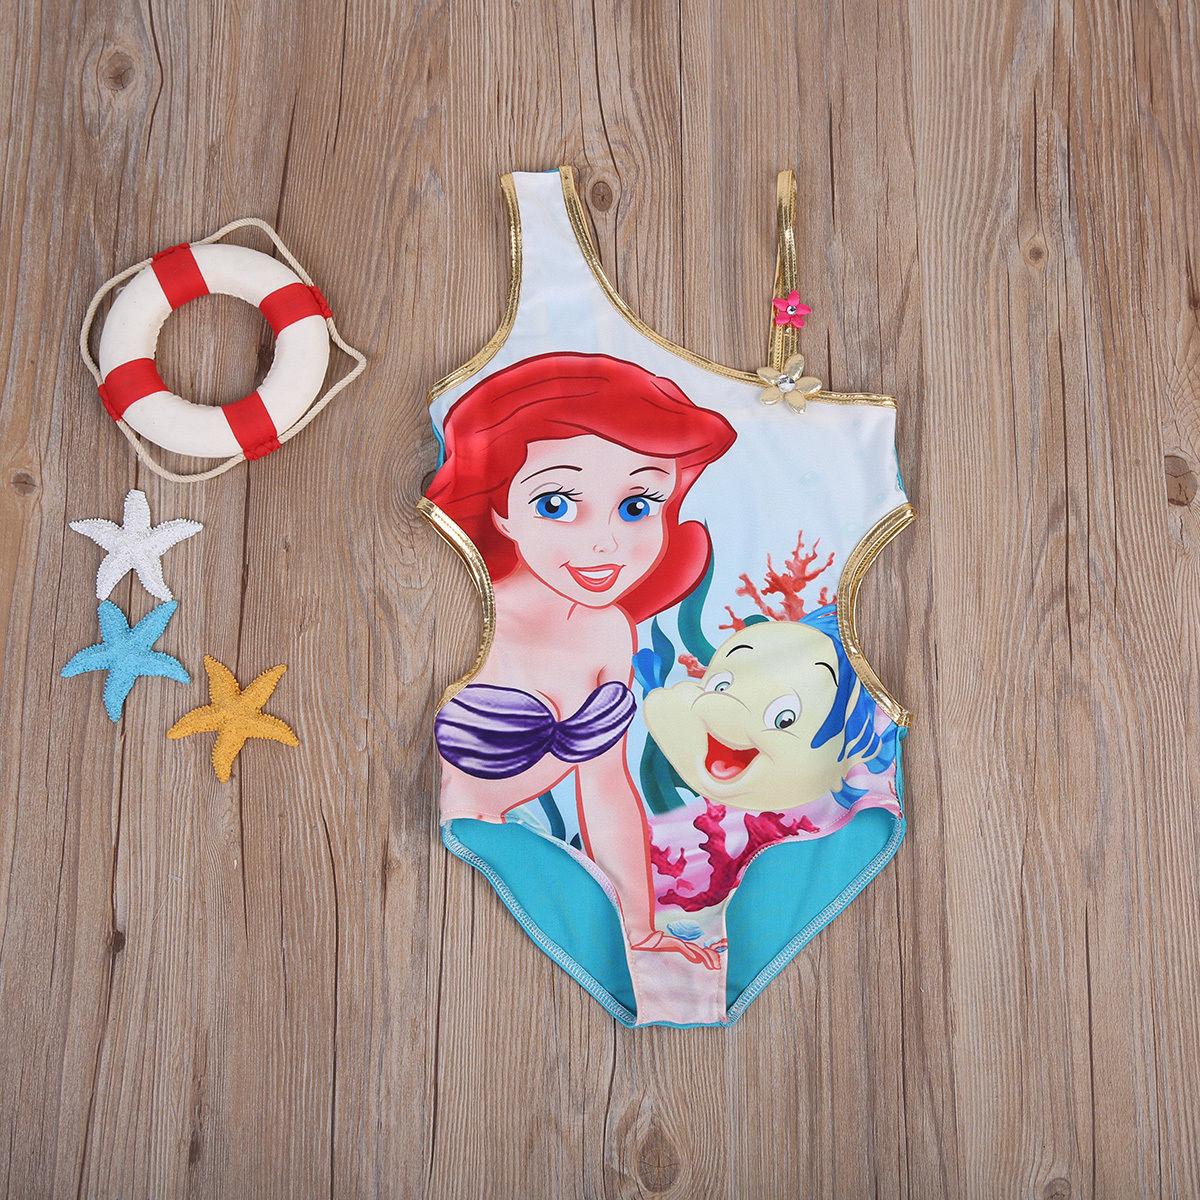 One-piece Little Girl Cartoon Mermaid Floral Swimsuit One-shoulder Swimwear Swimsuits Kids Beachwear Swimwear Swimmable Clothing